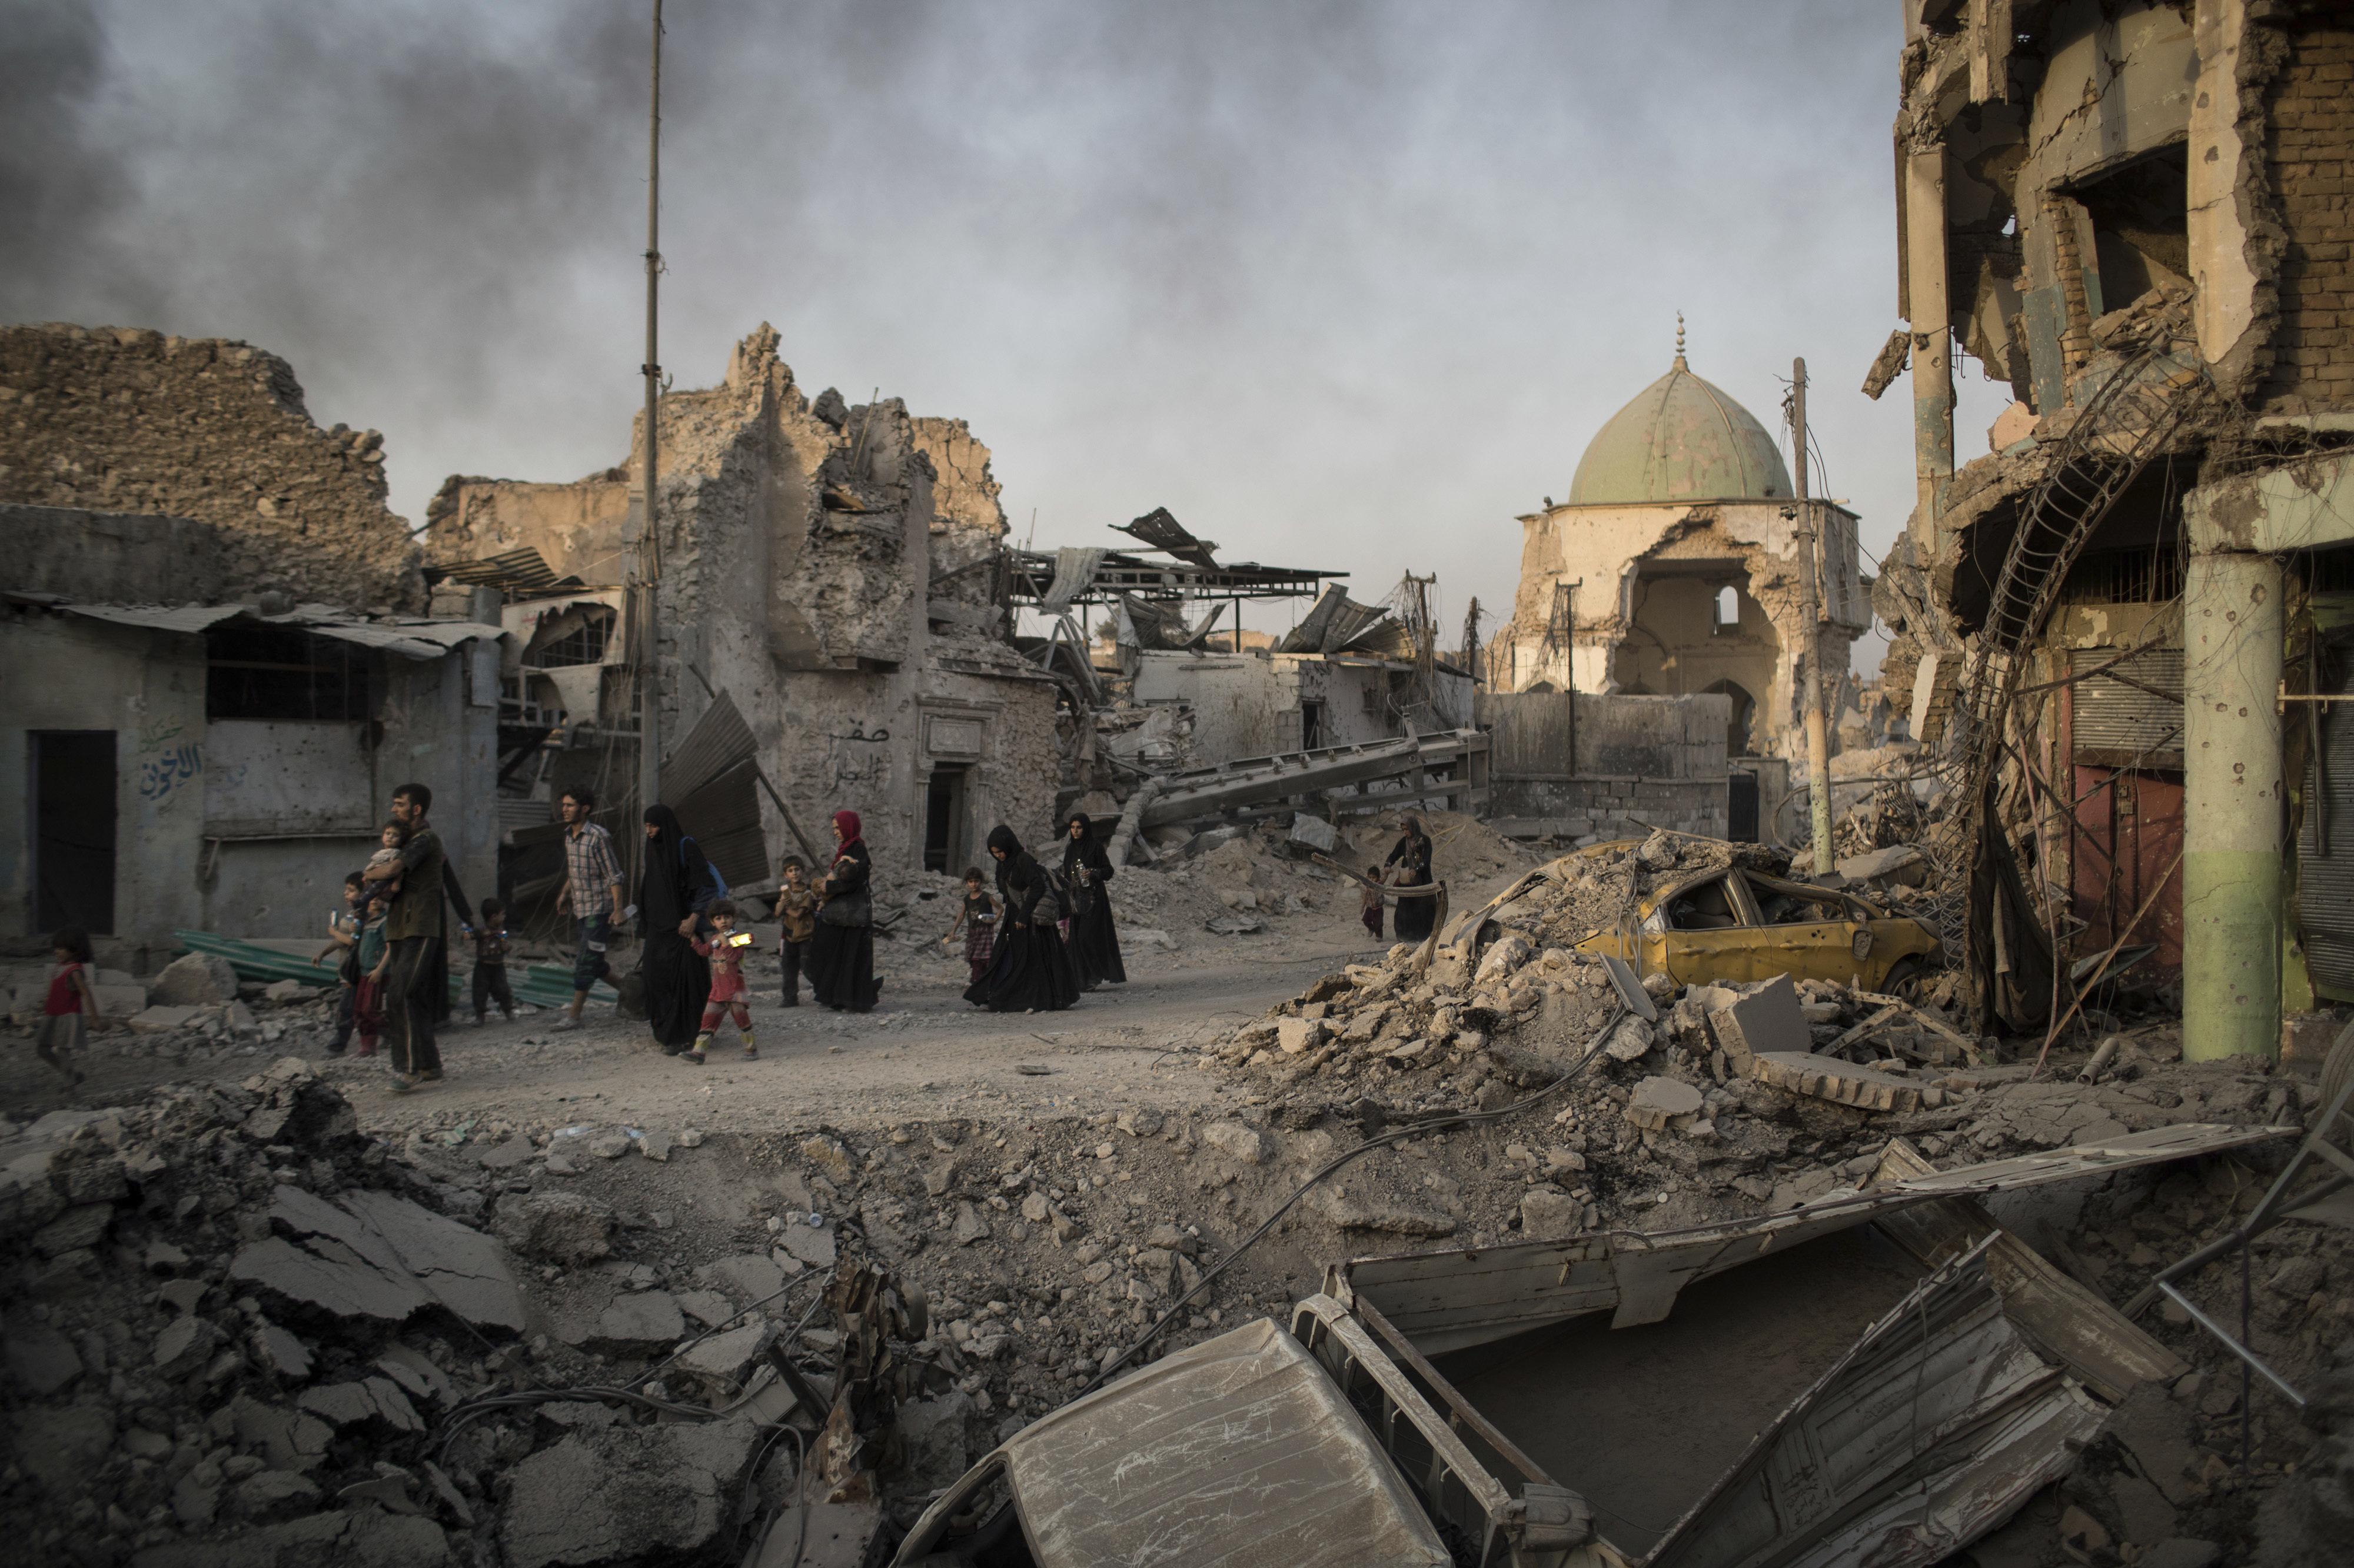 Civiles iraquíes pasan frente a la mezquita Al Nuri, muy dañada